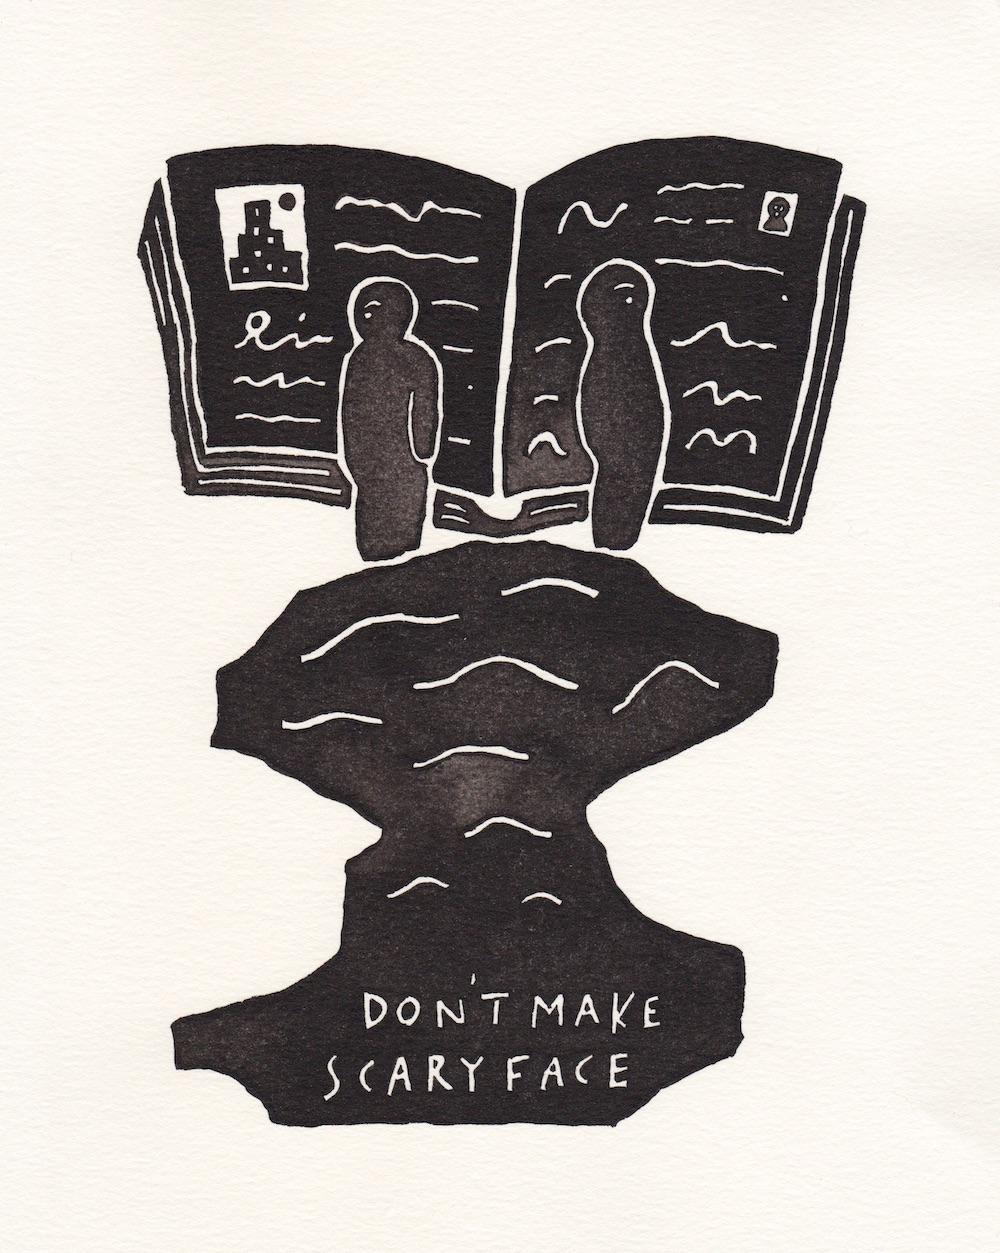 今月の1枚「don't make a scary face / 怖い顔しないで」(※クリックで拡大できます)